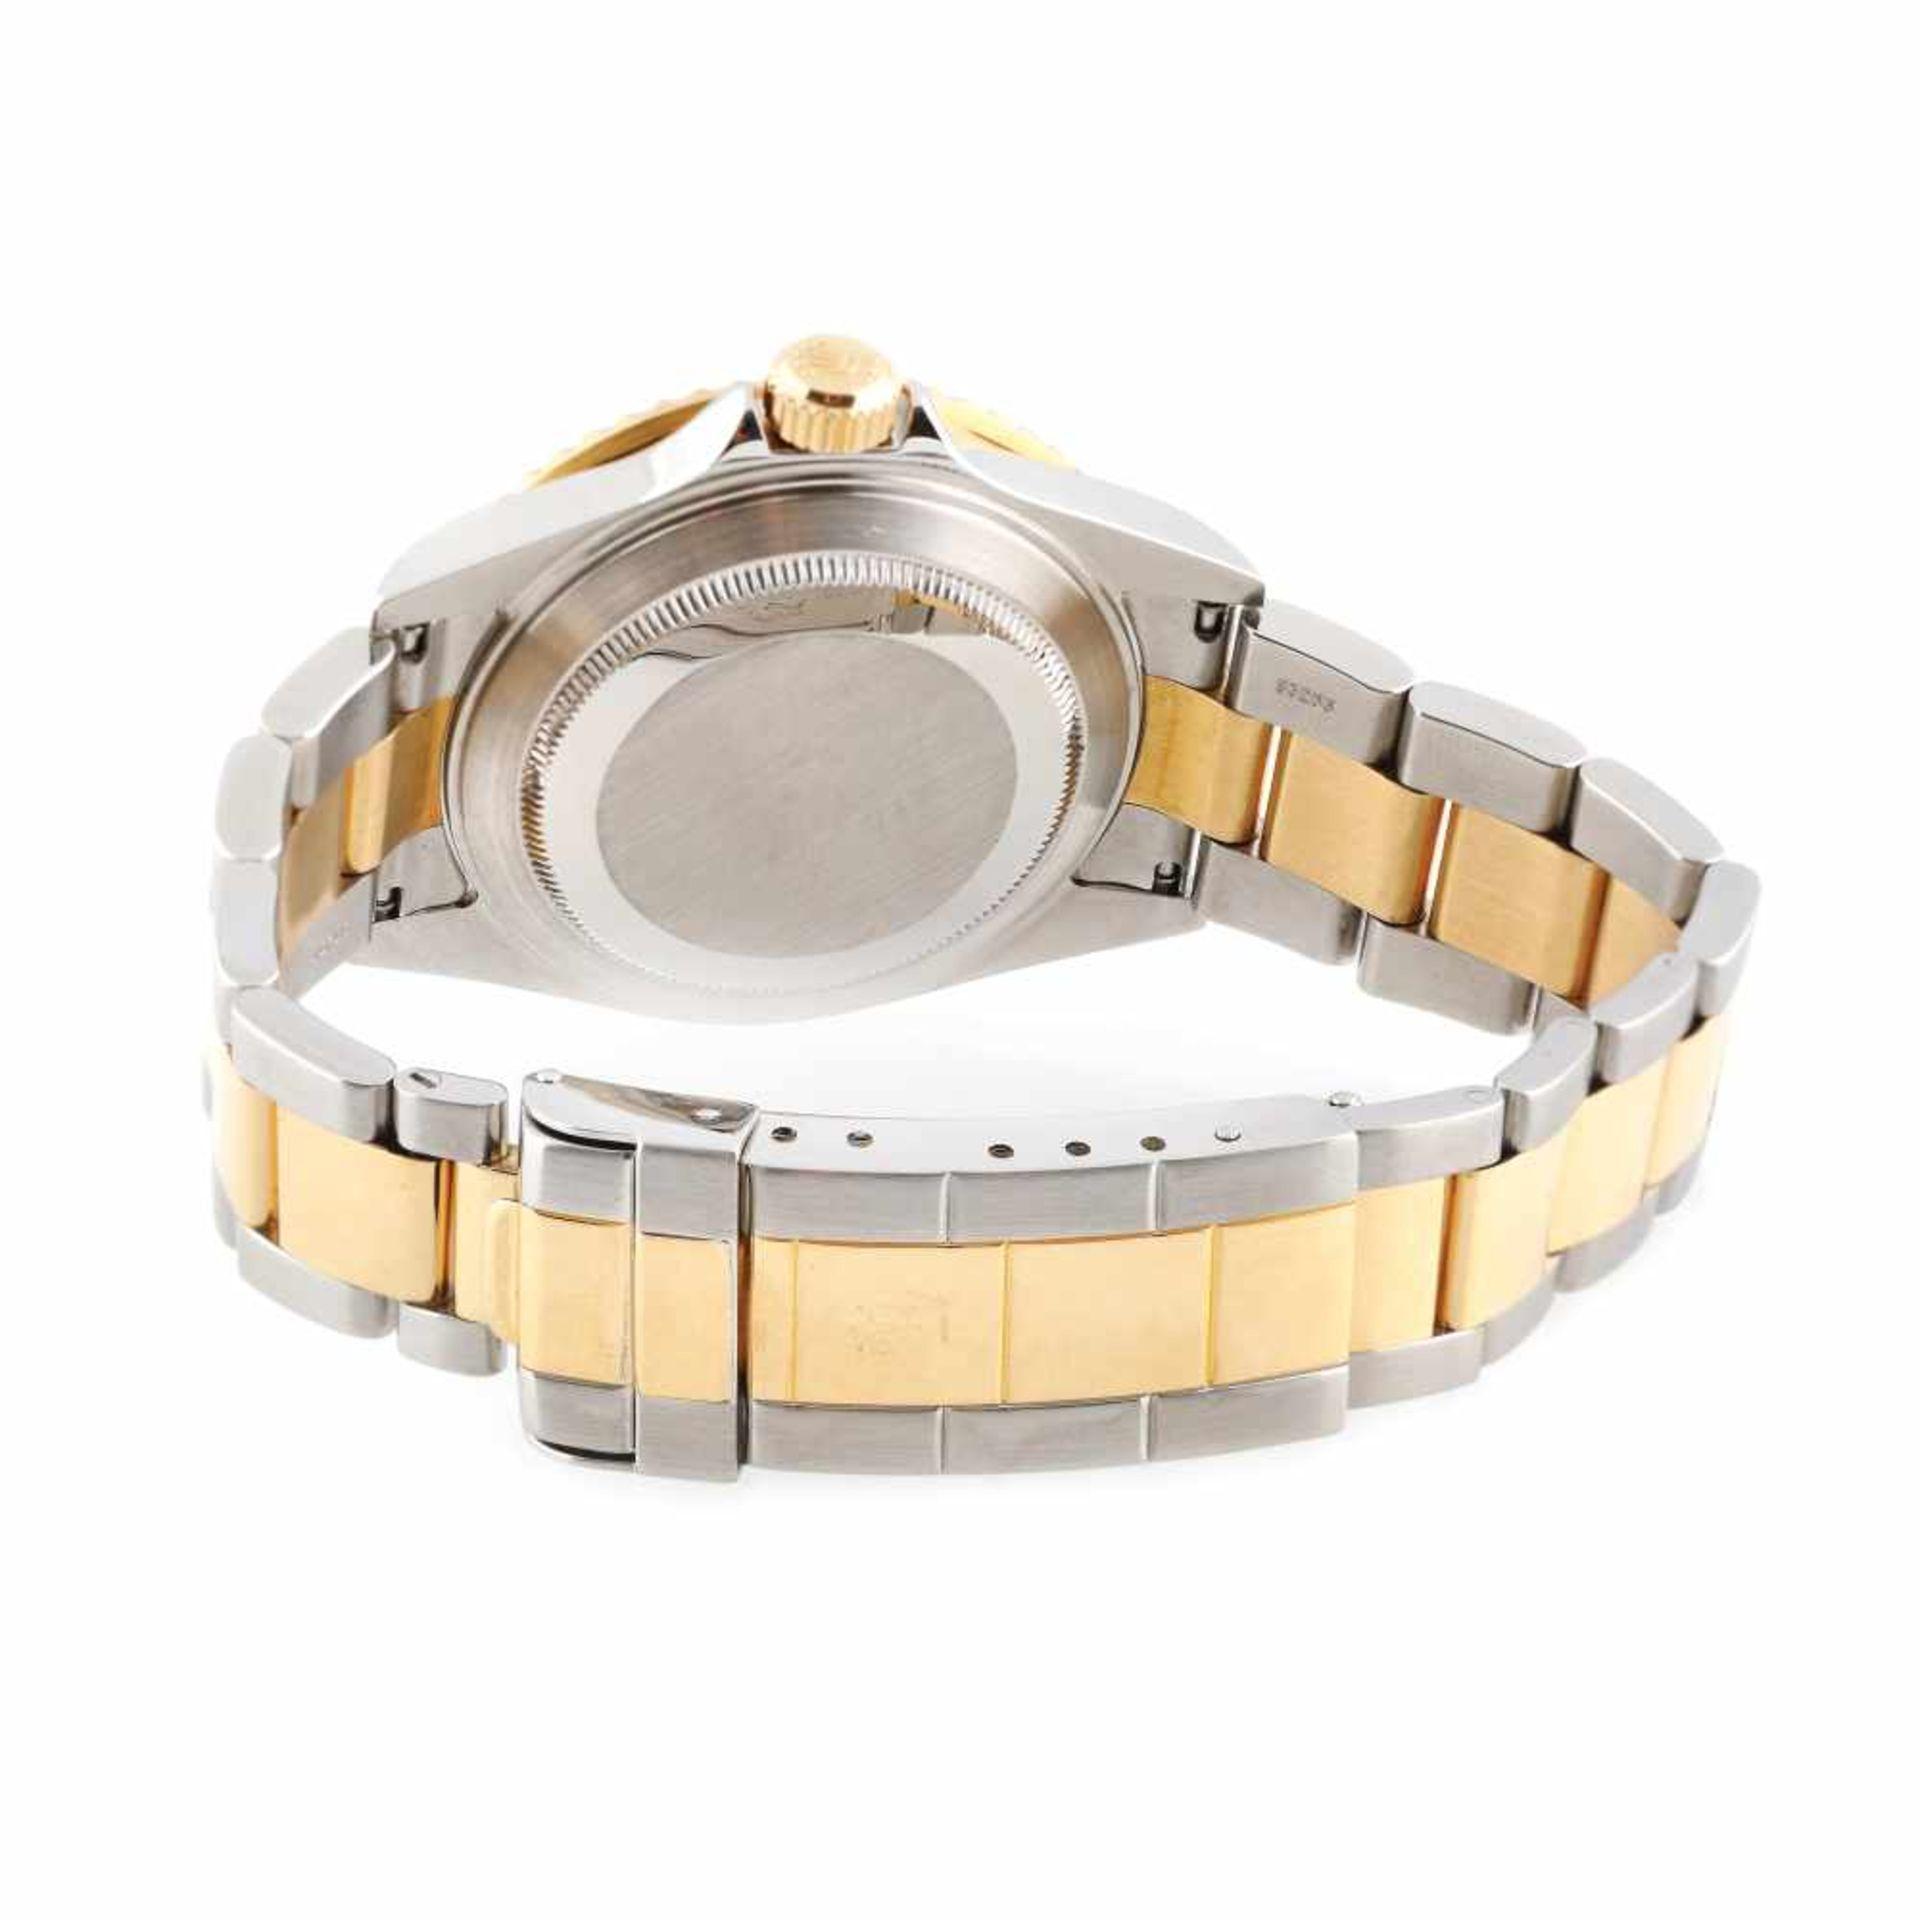 Rolex Submariner wristwatch, gold and steel, men - Bild 2 aus 3